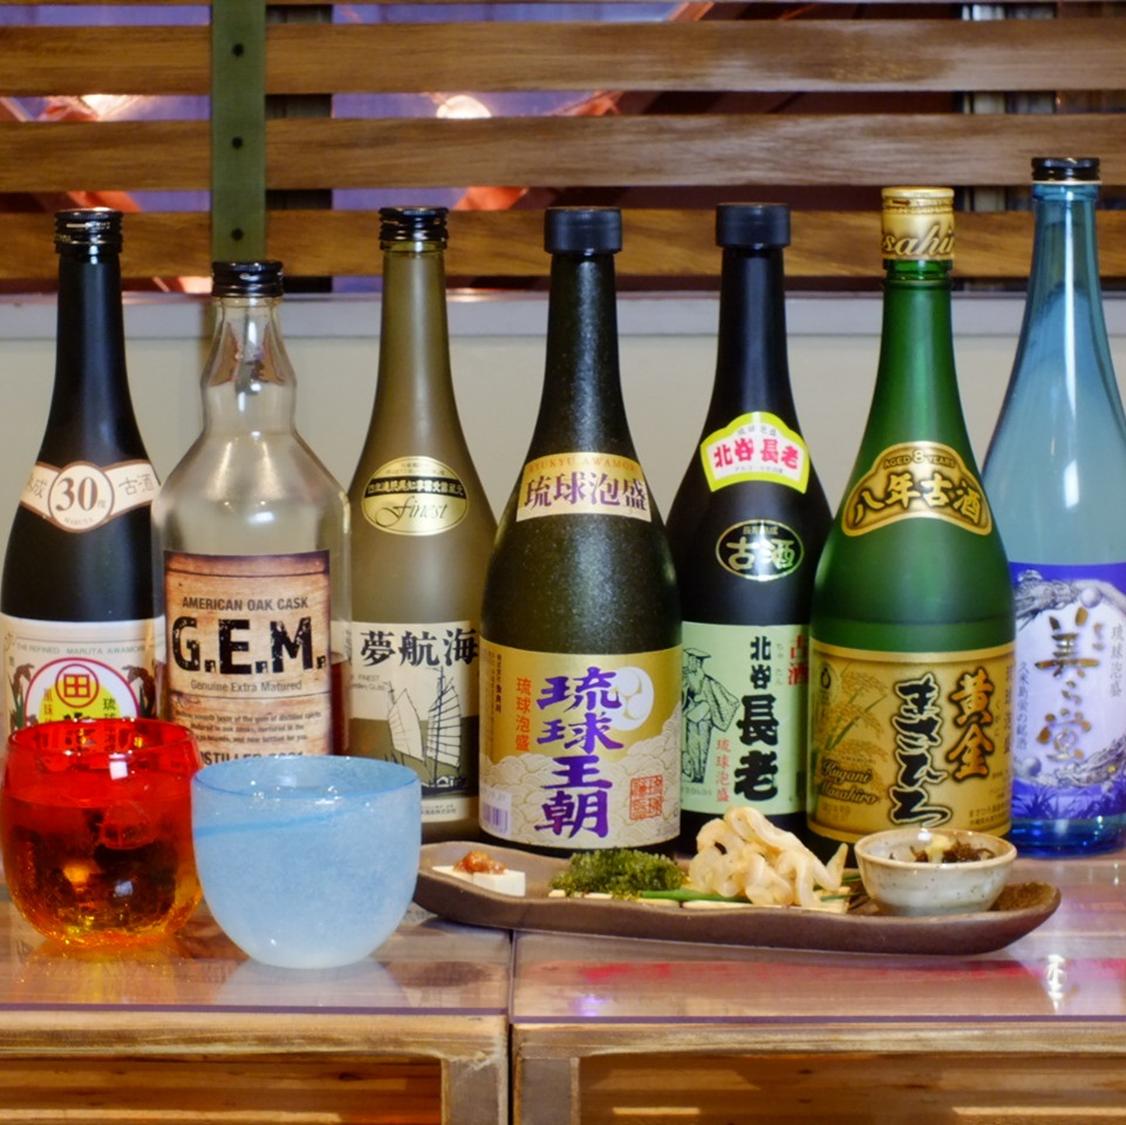 沖縄の珍しい古酒もあります!